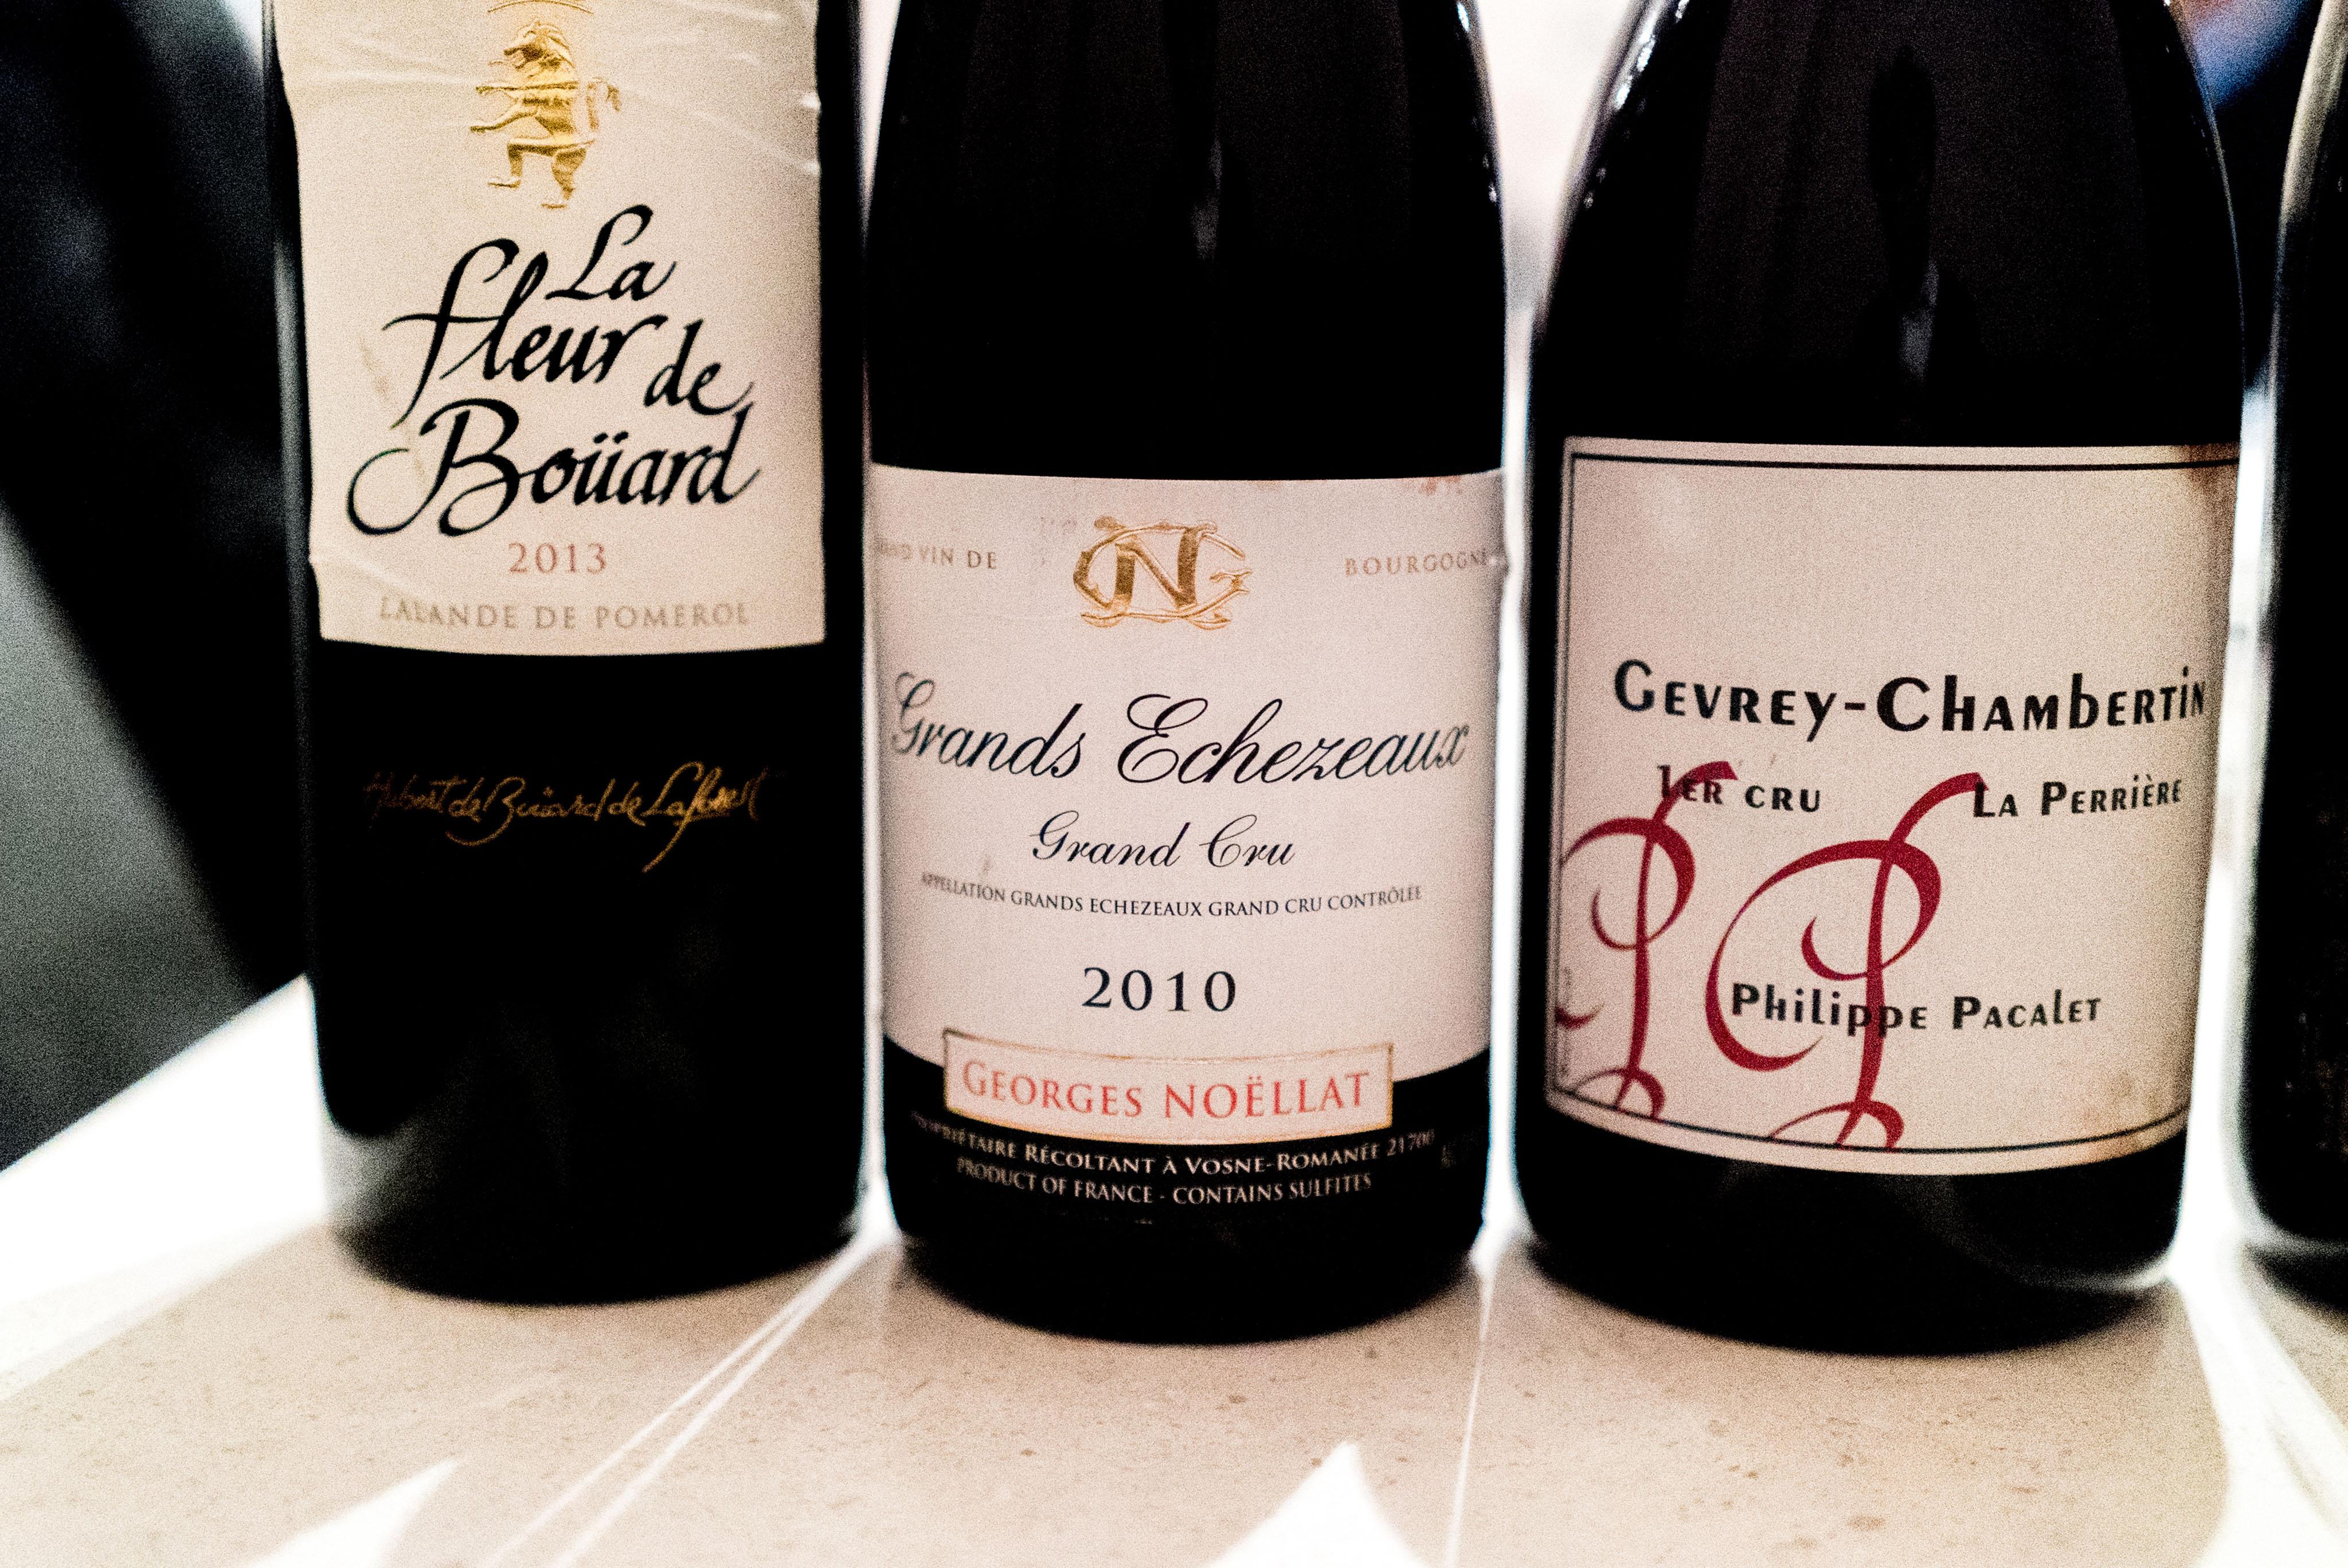 Domaine Georges Noellat AOC Grands Echezeaux Grand Cru 2010